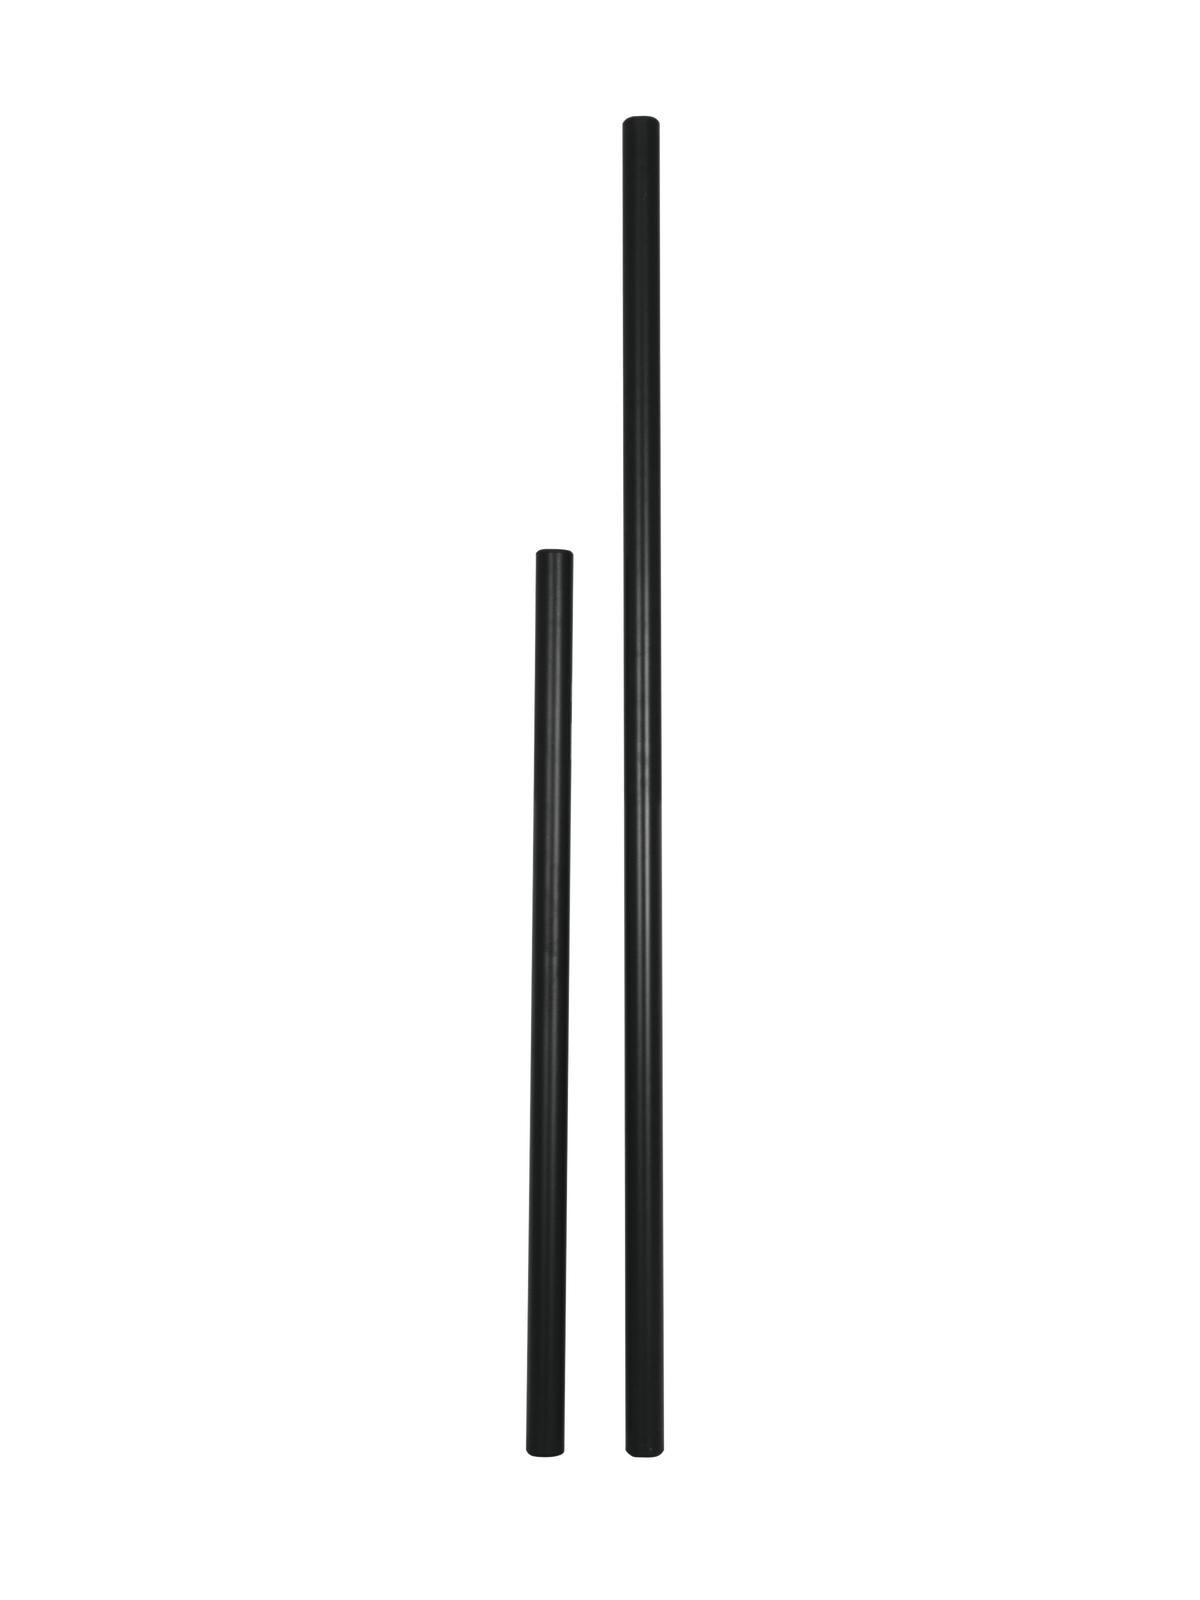 OMNITRONIC Distanza tubo subwoofer/satellite 80cm